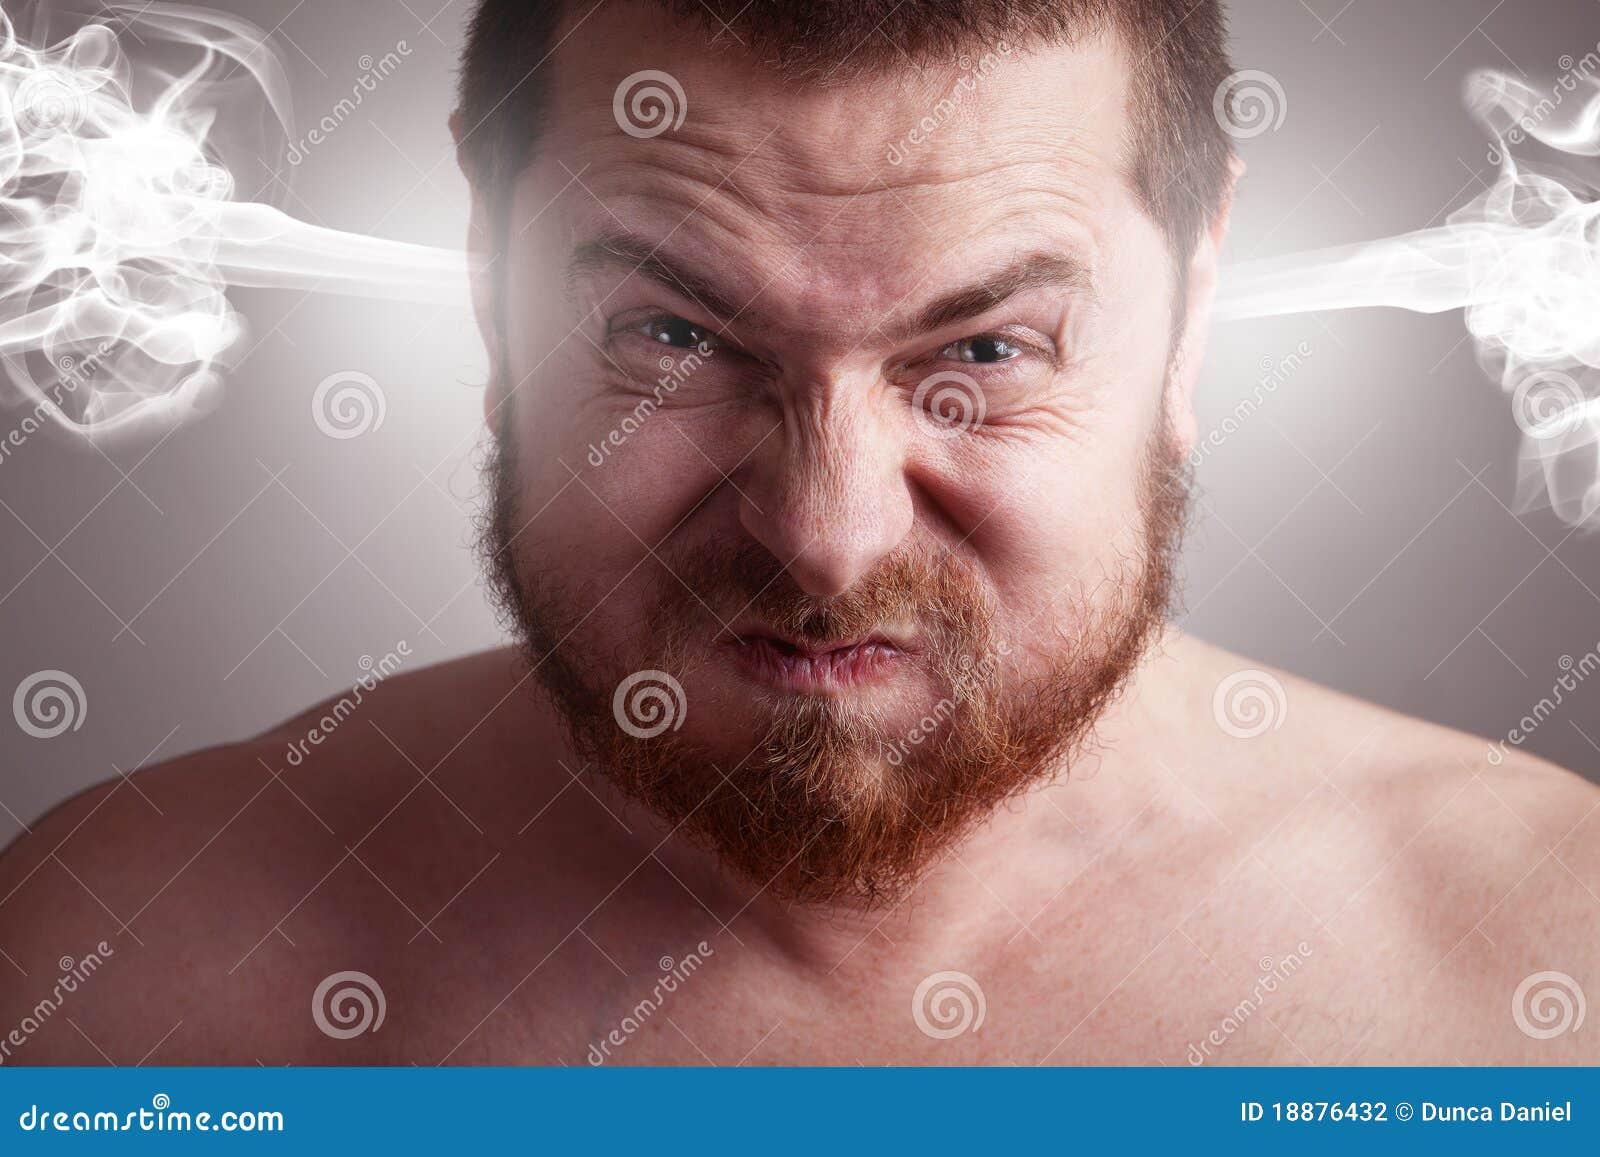 Druckkonzept - verärgerter Mann mit explodierendem Kopf